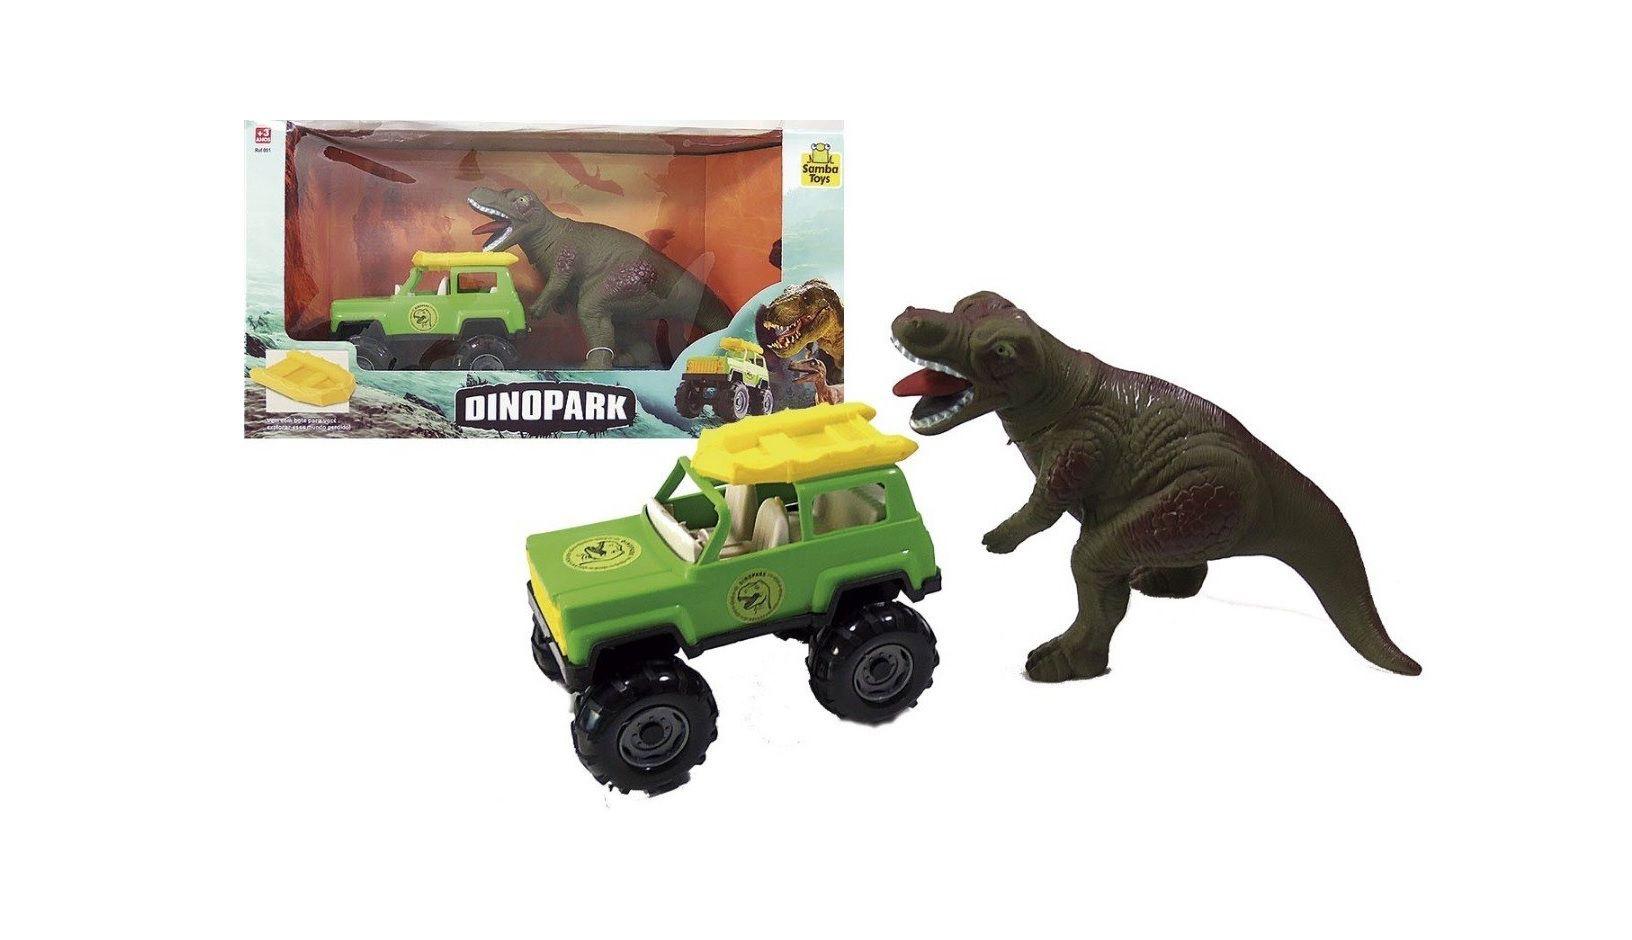 Jipe Dinopark com Dinossauro - Samba Toys